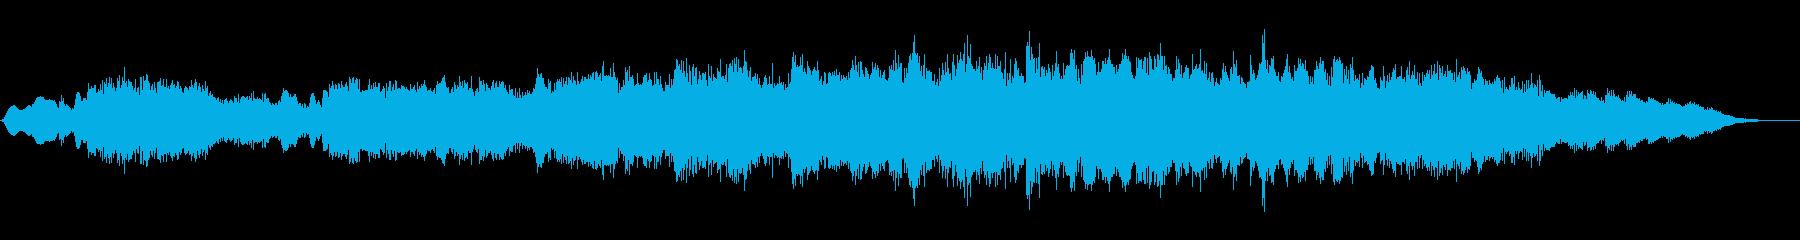 ジングル|感動的な夕方の雰囲気-管弦楽器の再生済みの波形